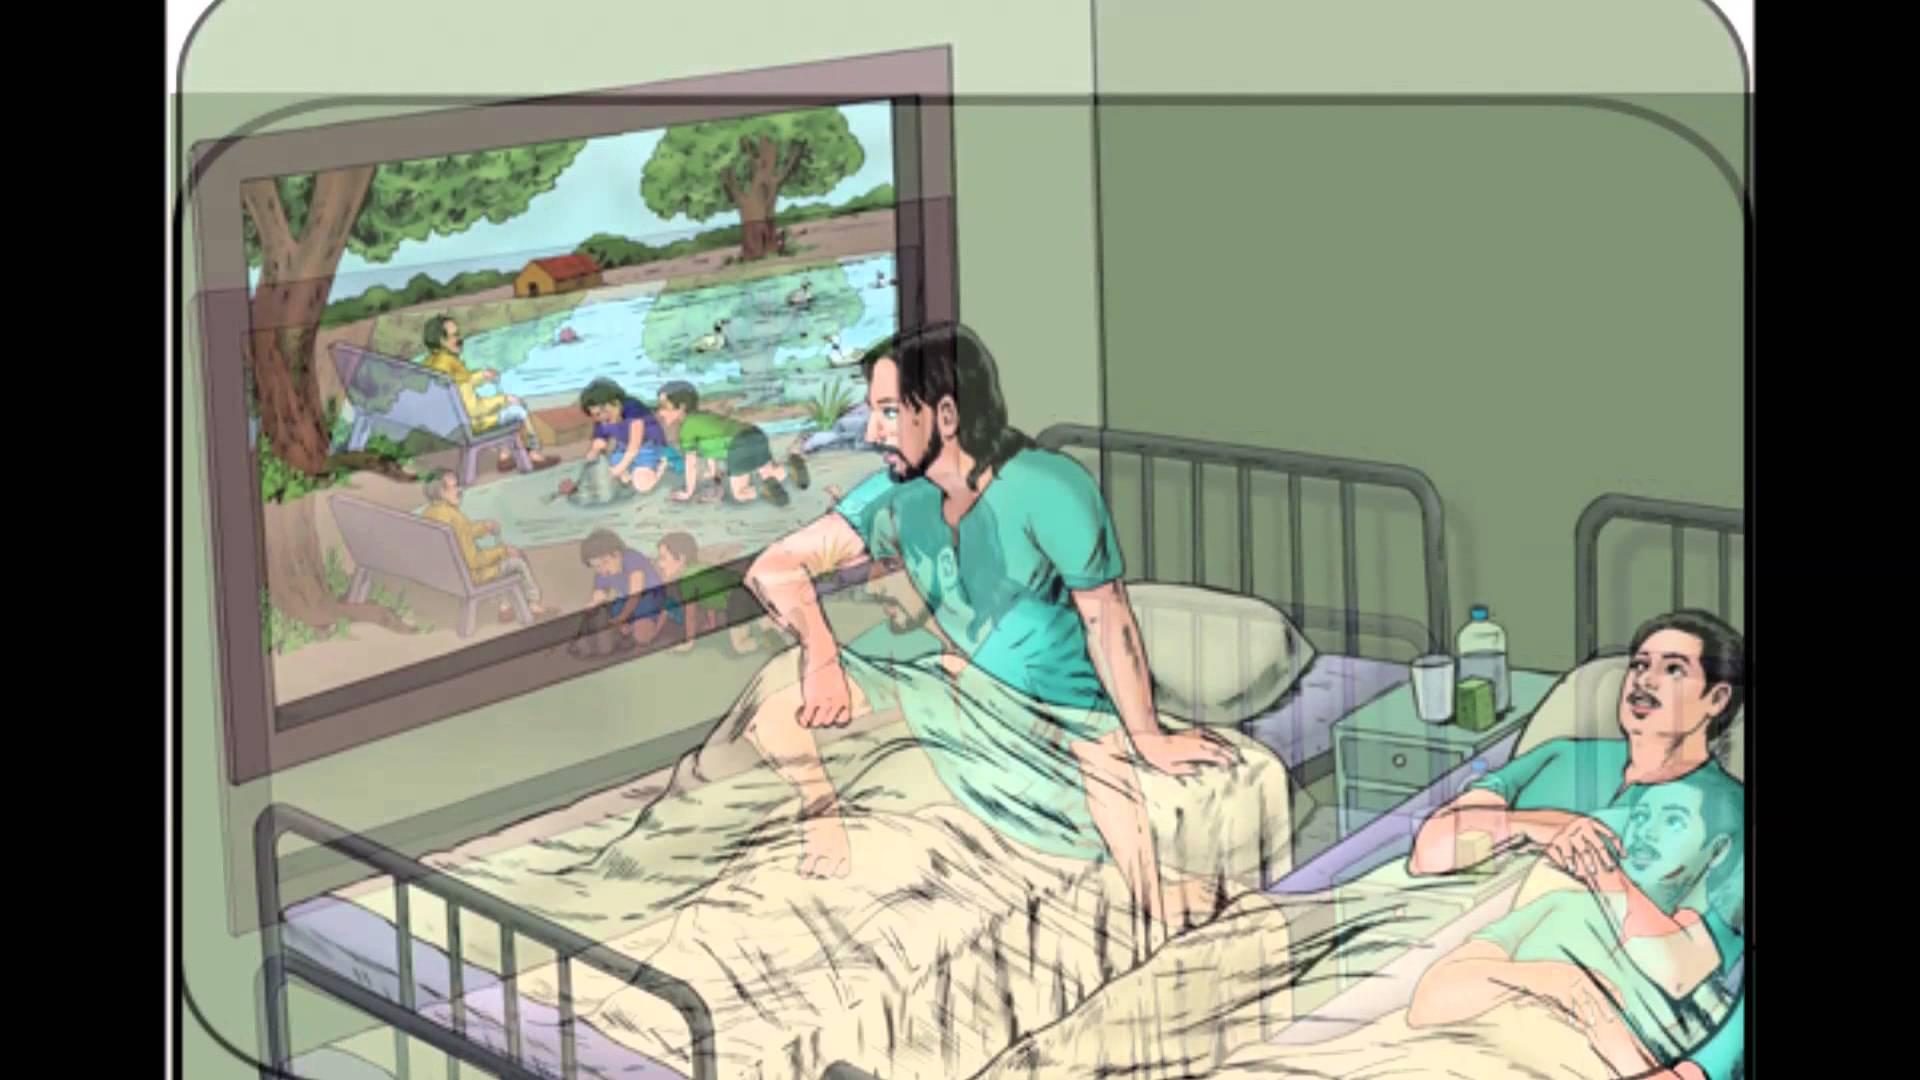 Prozor na bolnici, trebaće vam samo 1 minut da pročitate ovu priču a promijeniće vam pogled na život